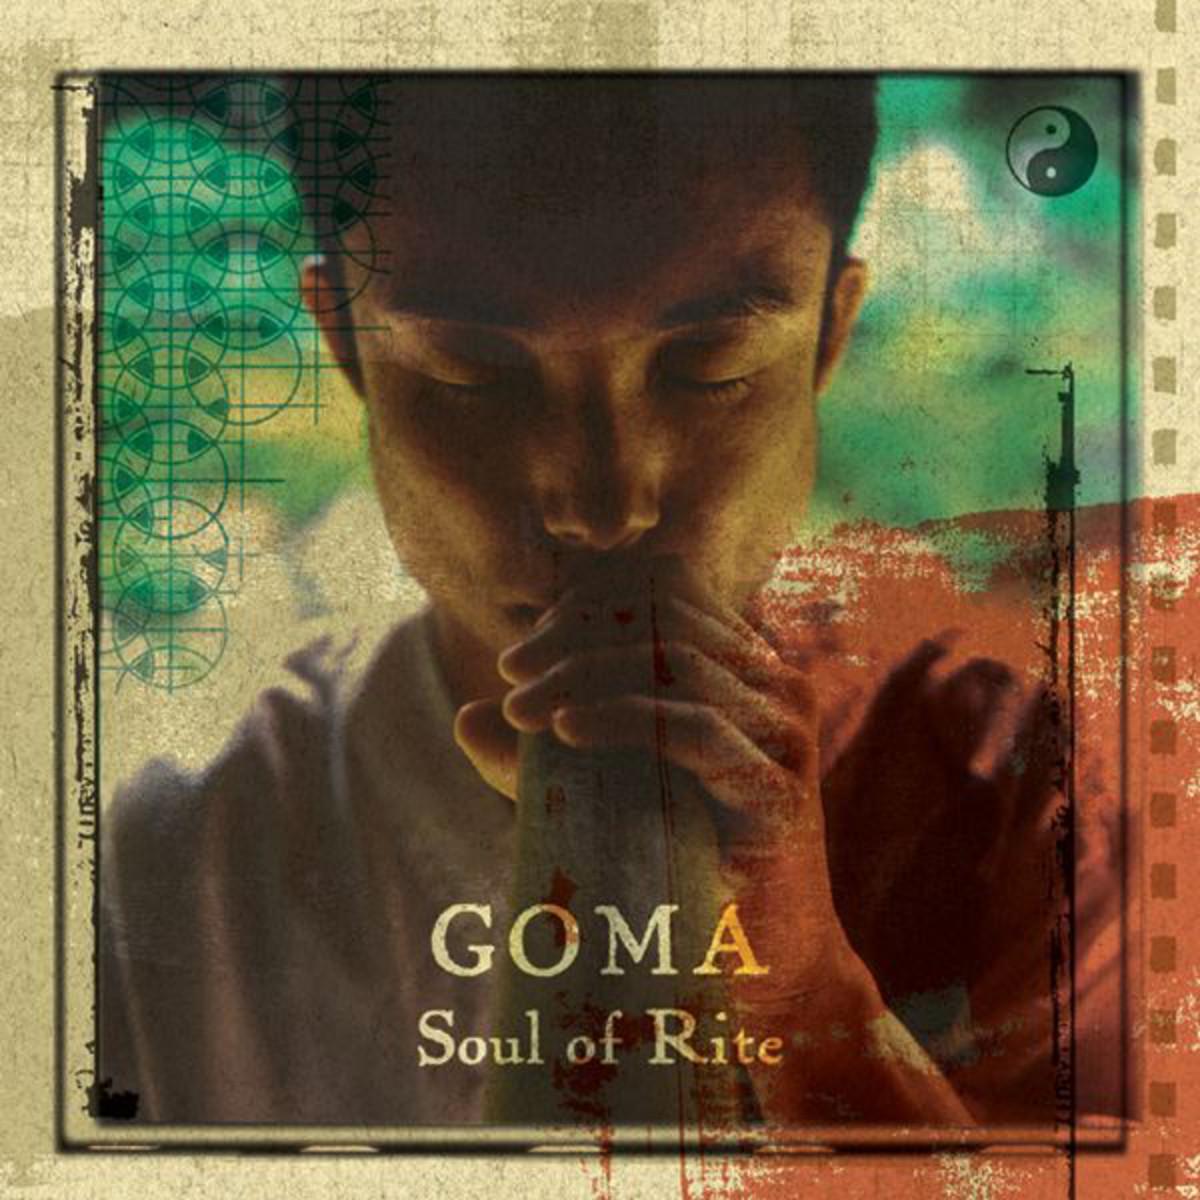 GOMA 『Soul of Rite』